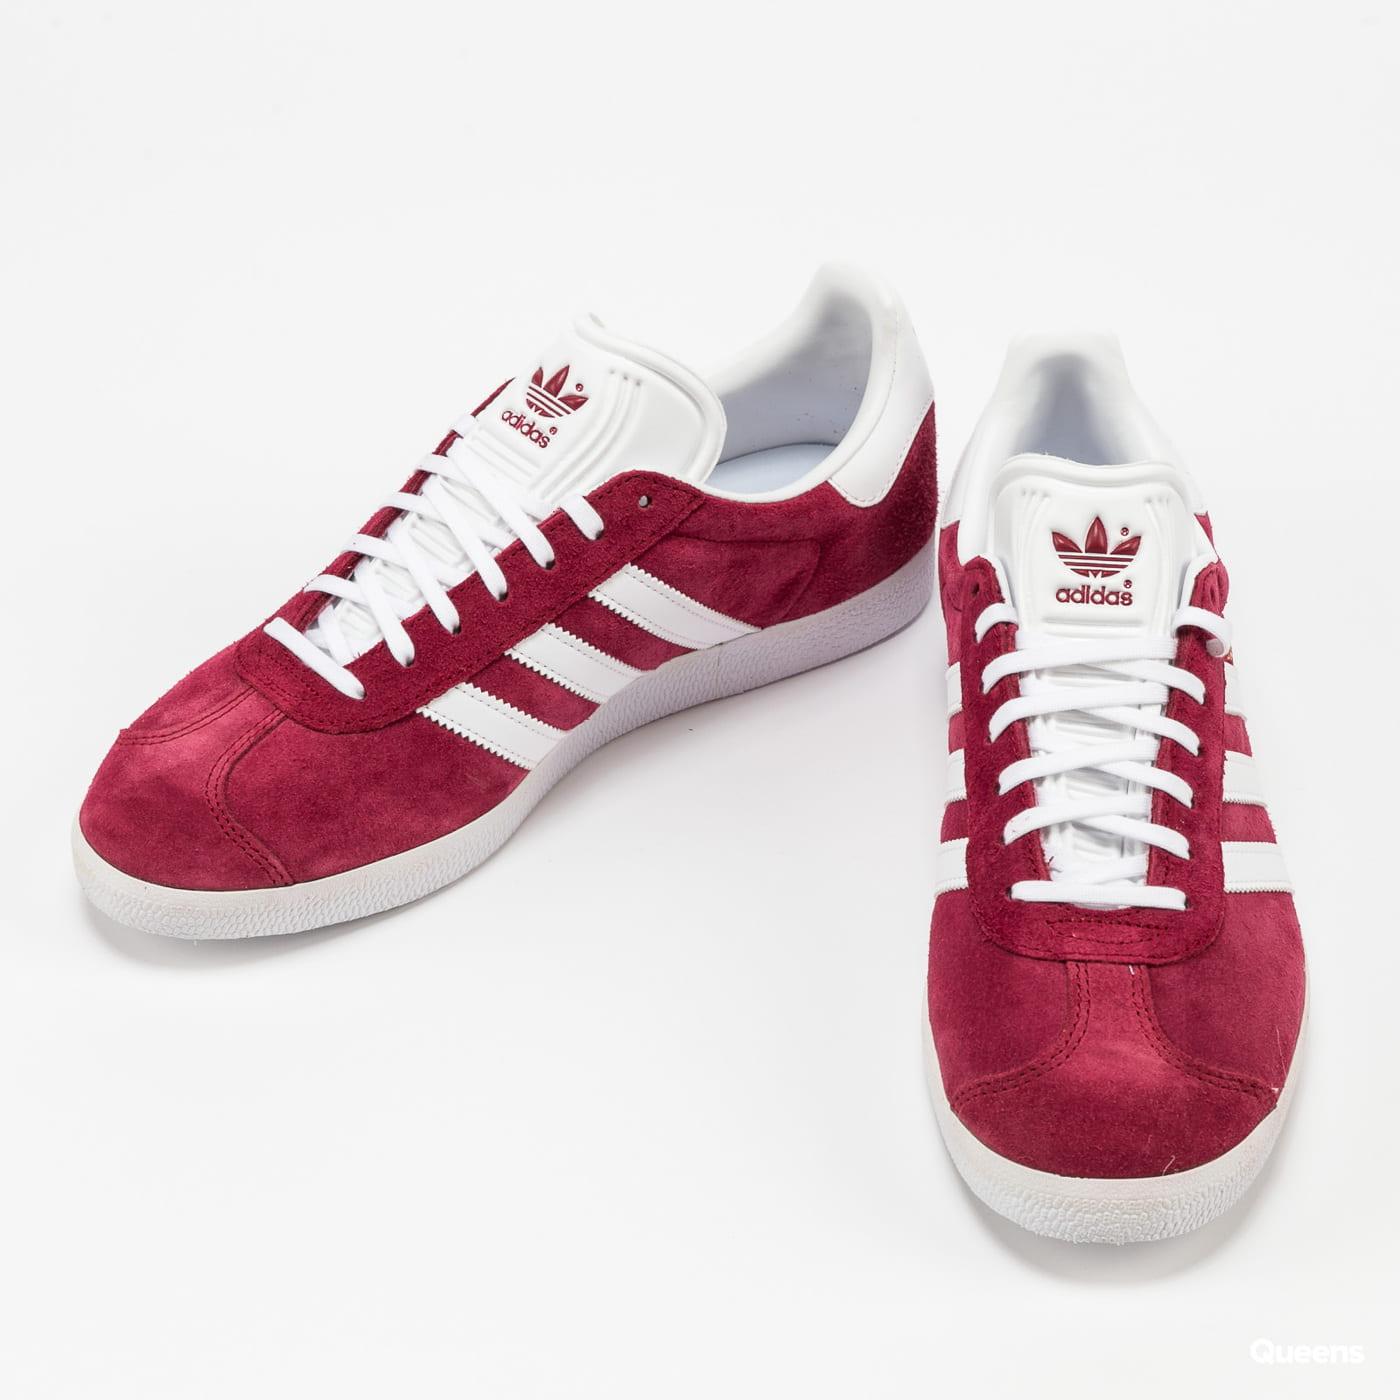 adidas Originals Gazelle cburgu / ftwwht / goldmt